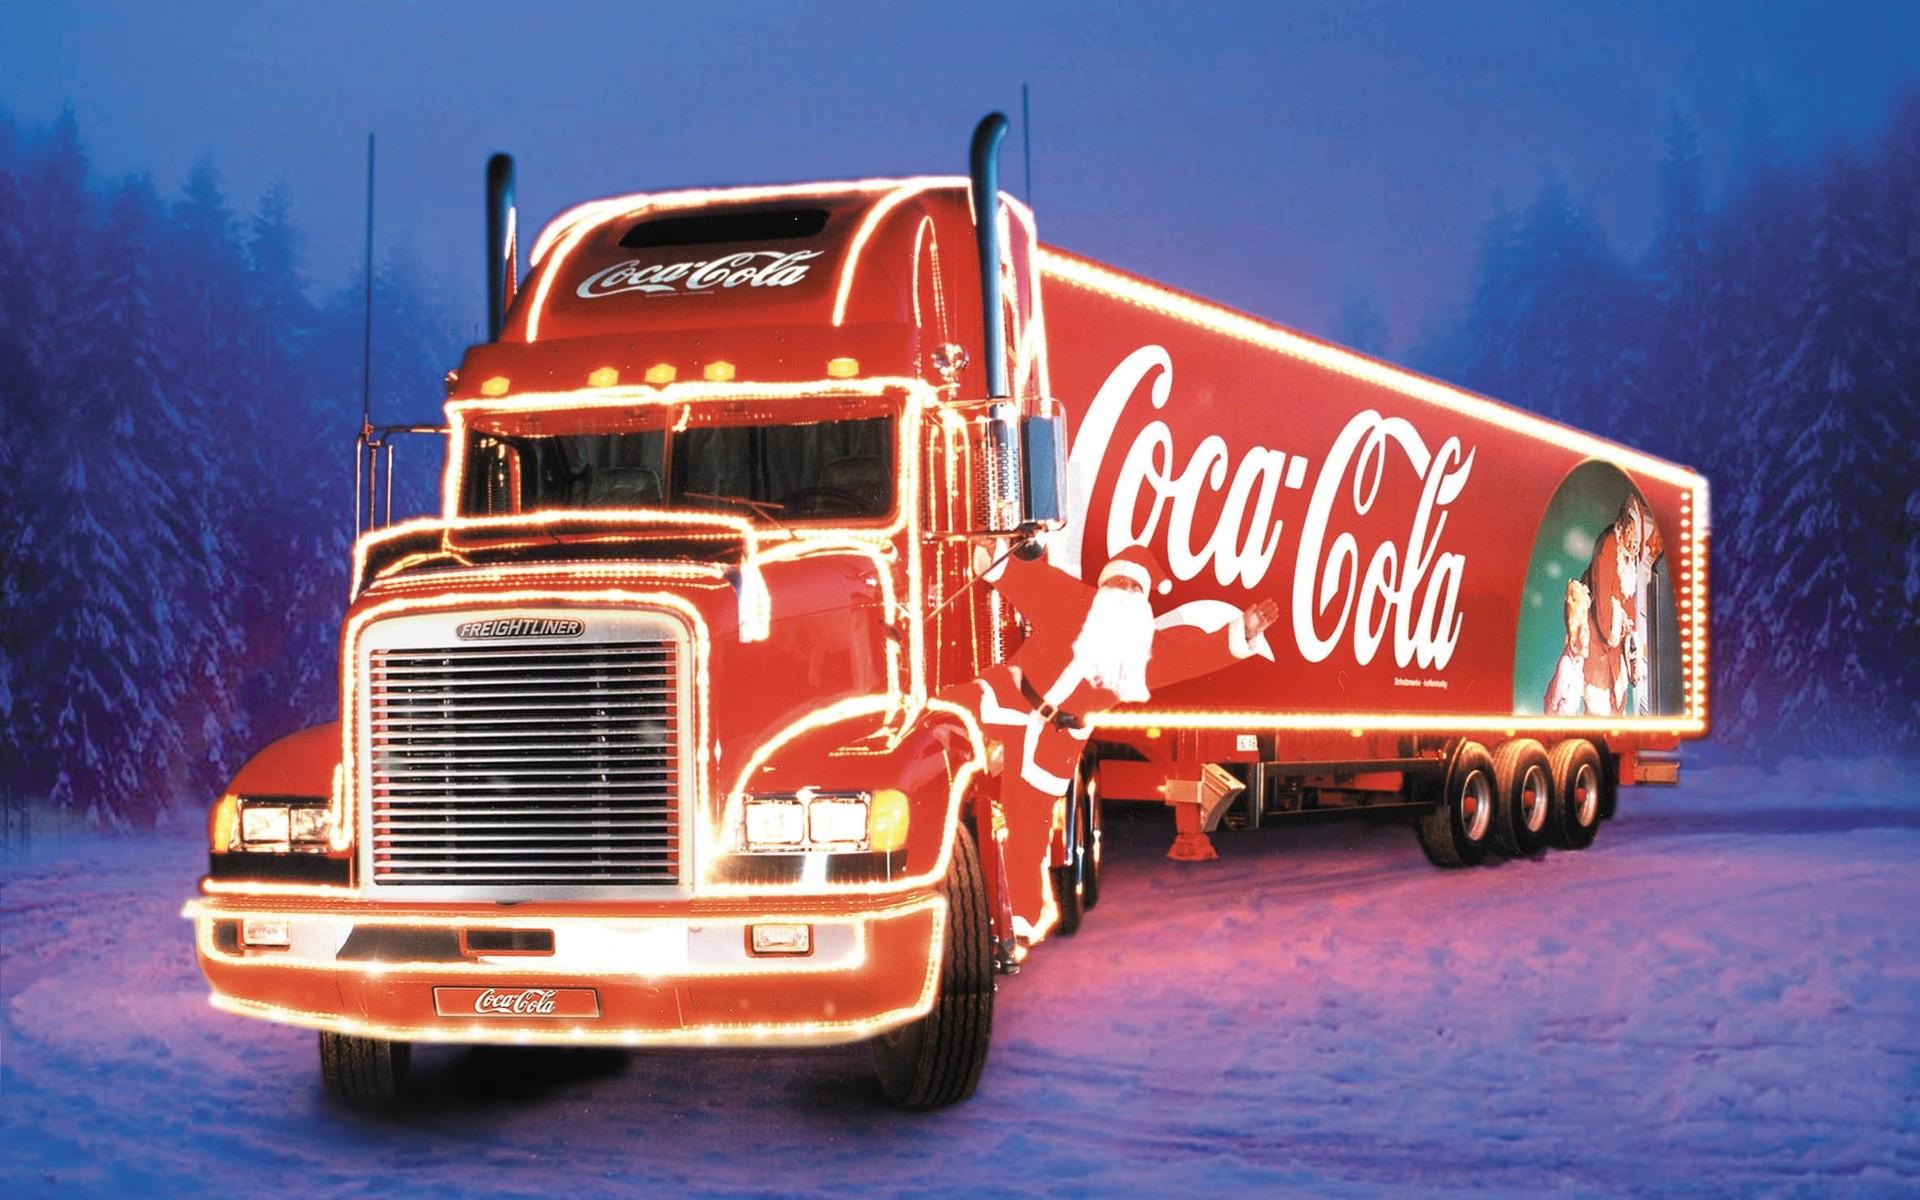 гифка картинка грузовика кока колы днем косметолога прозе